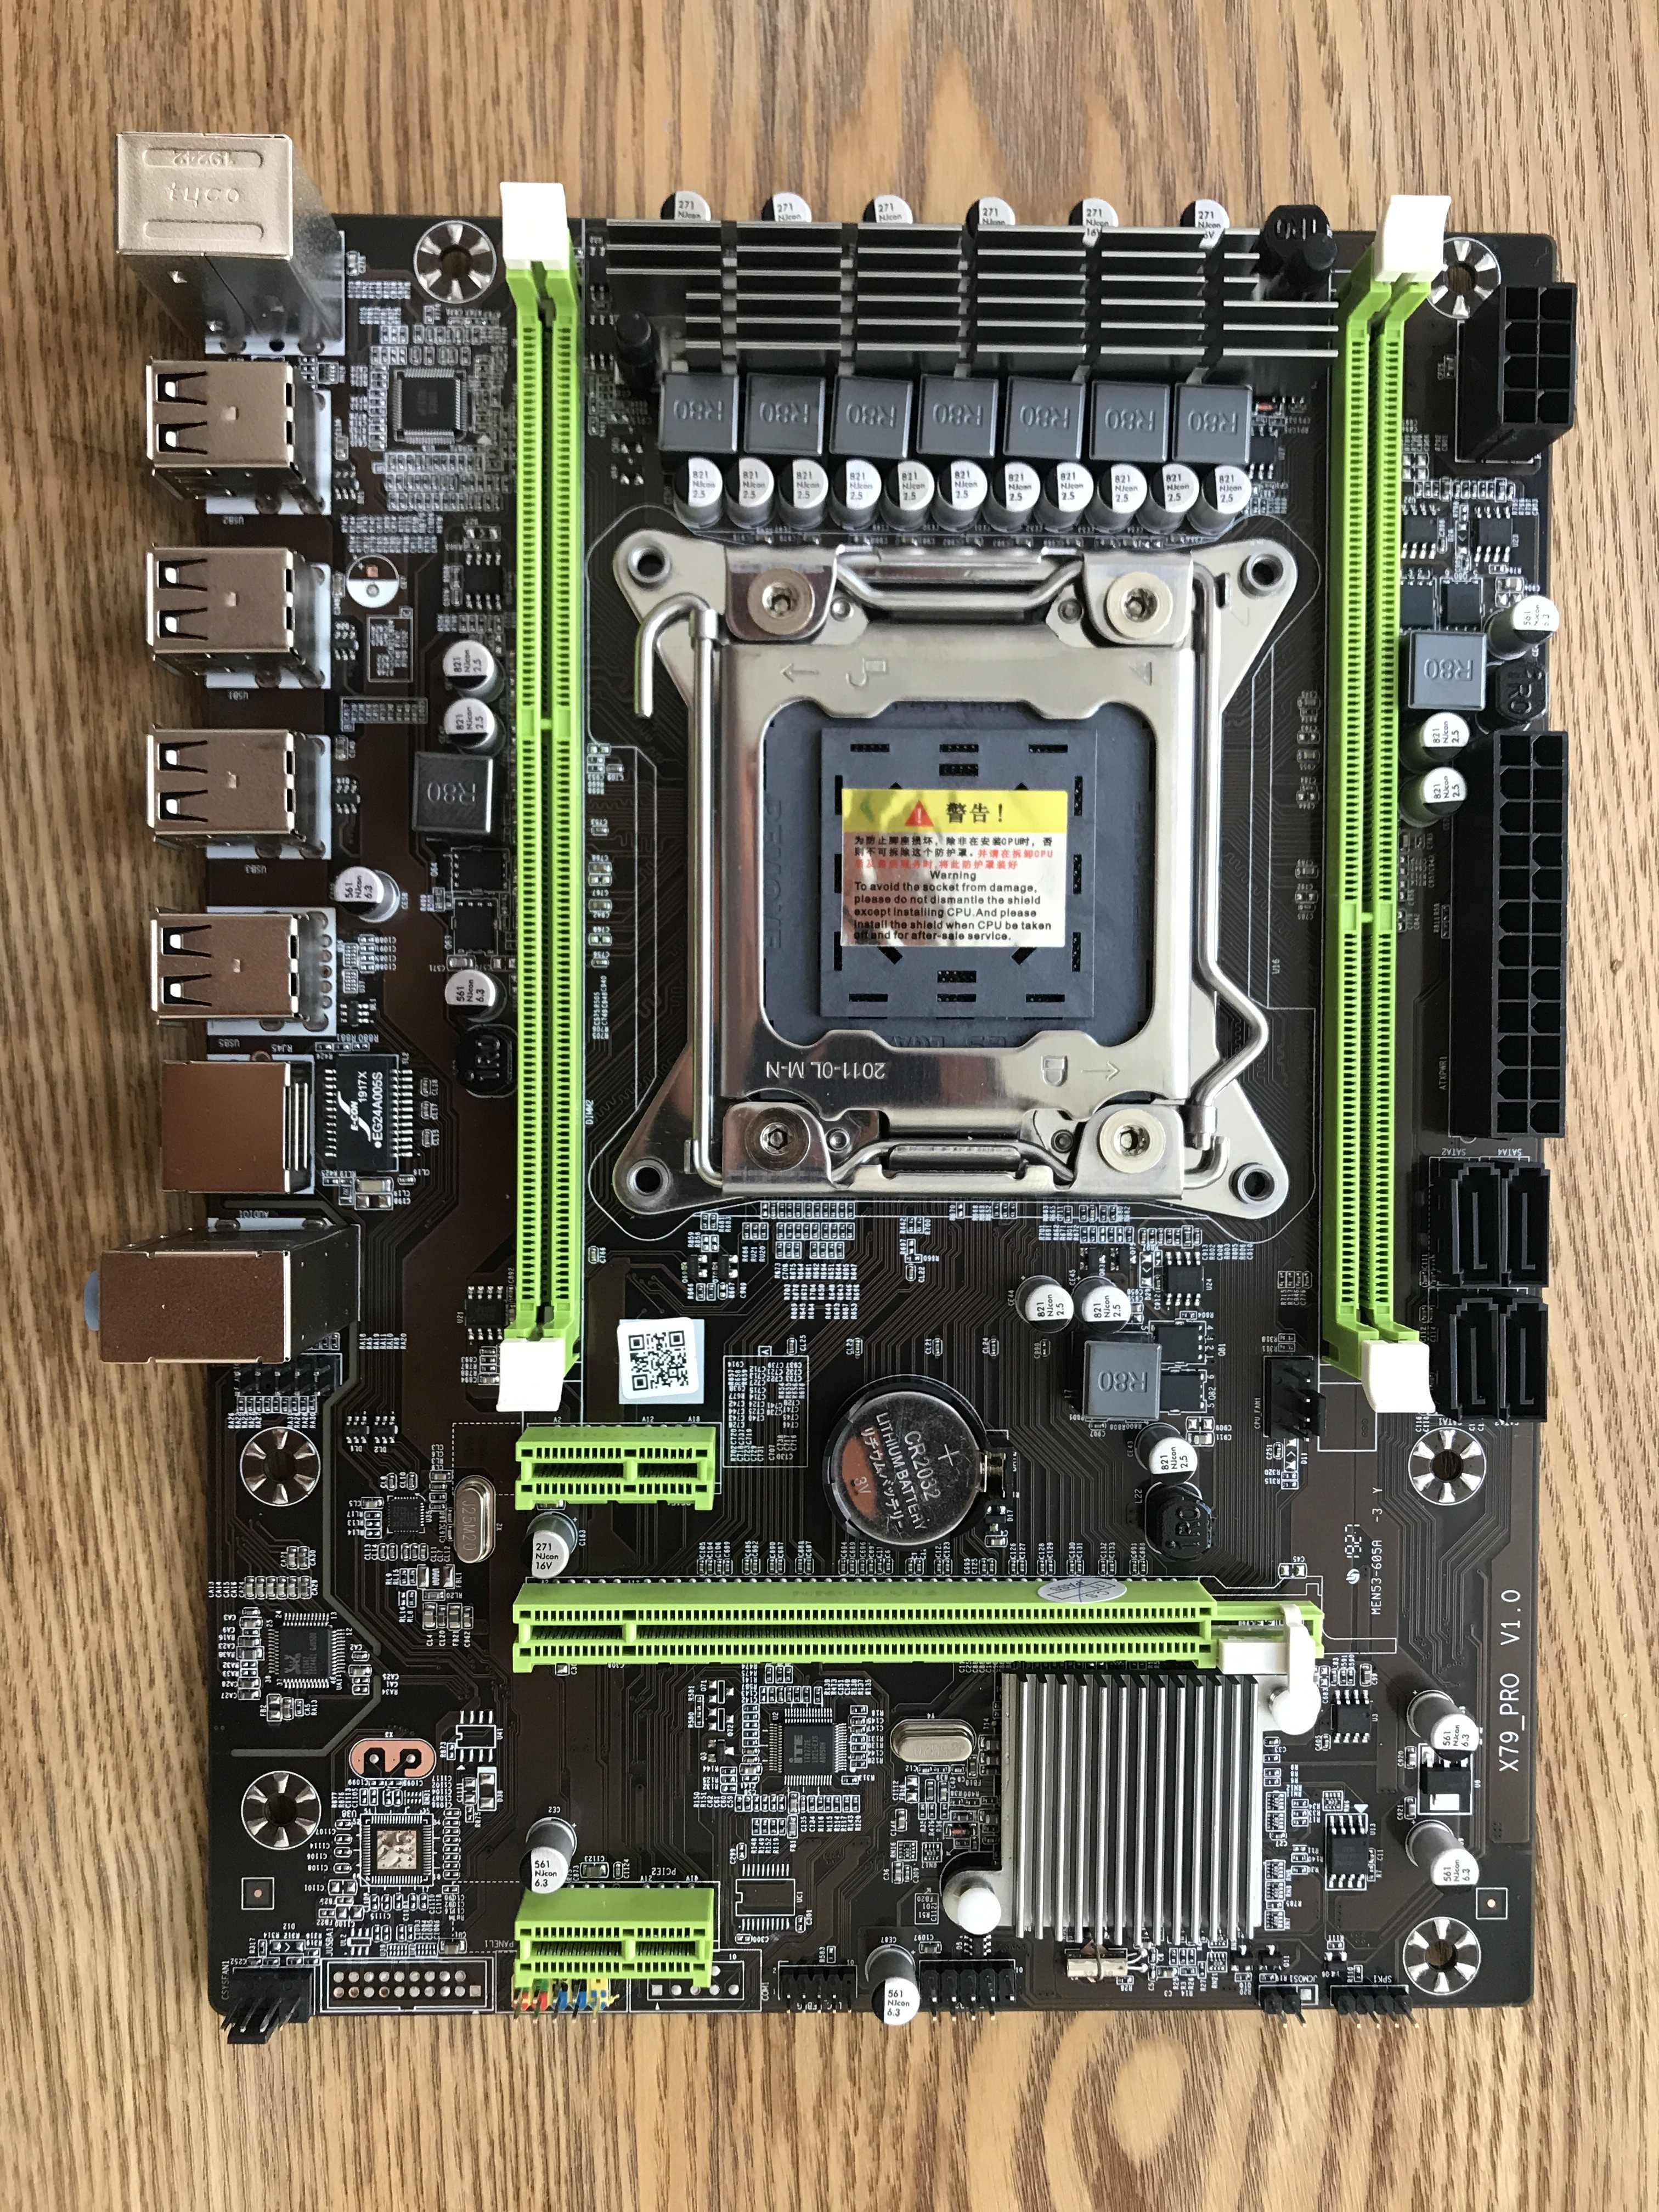 Atermiter X79 اللوحة مجموعة مع LGA2011 المجموعات زيون E5 2630V2 CPU 2 قطعة x 4GB = 8GB الذاكرة DDR3 RAM 1600Mhz PC3 12800R PCI-E